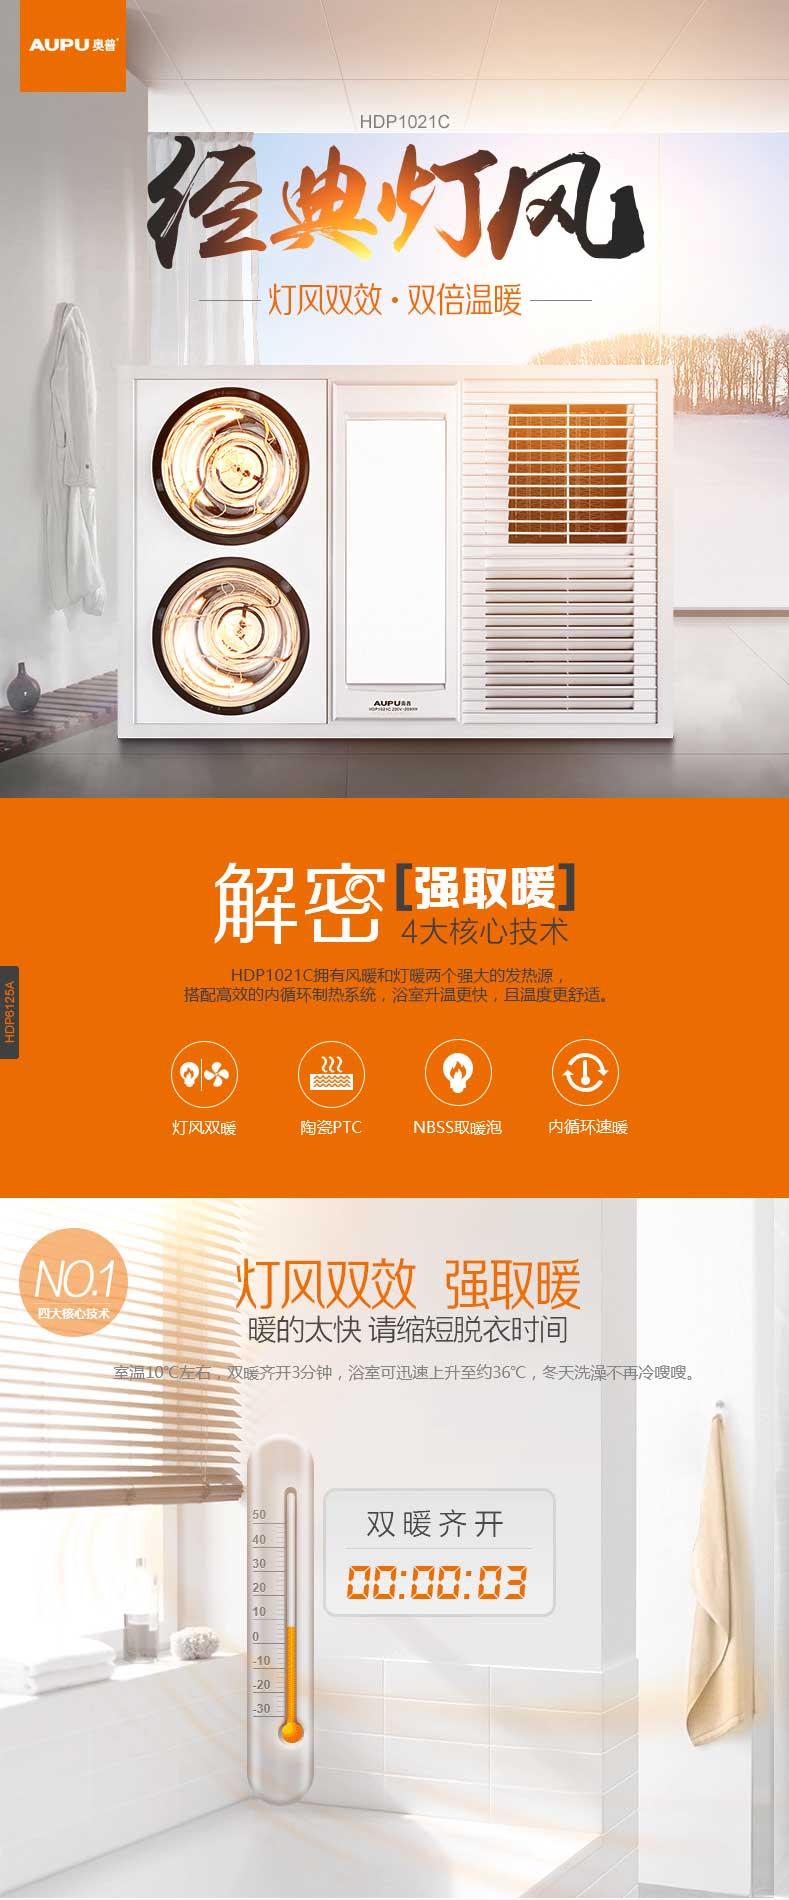 奥普浴霸-嵌入式多功能风暖集成吊顶1021C_01.jpg